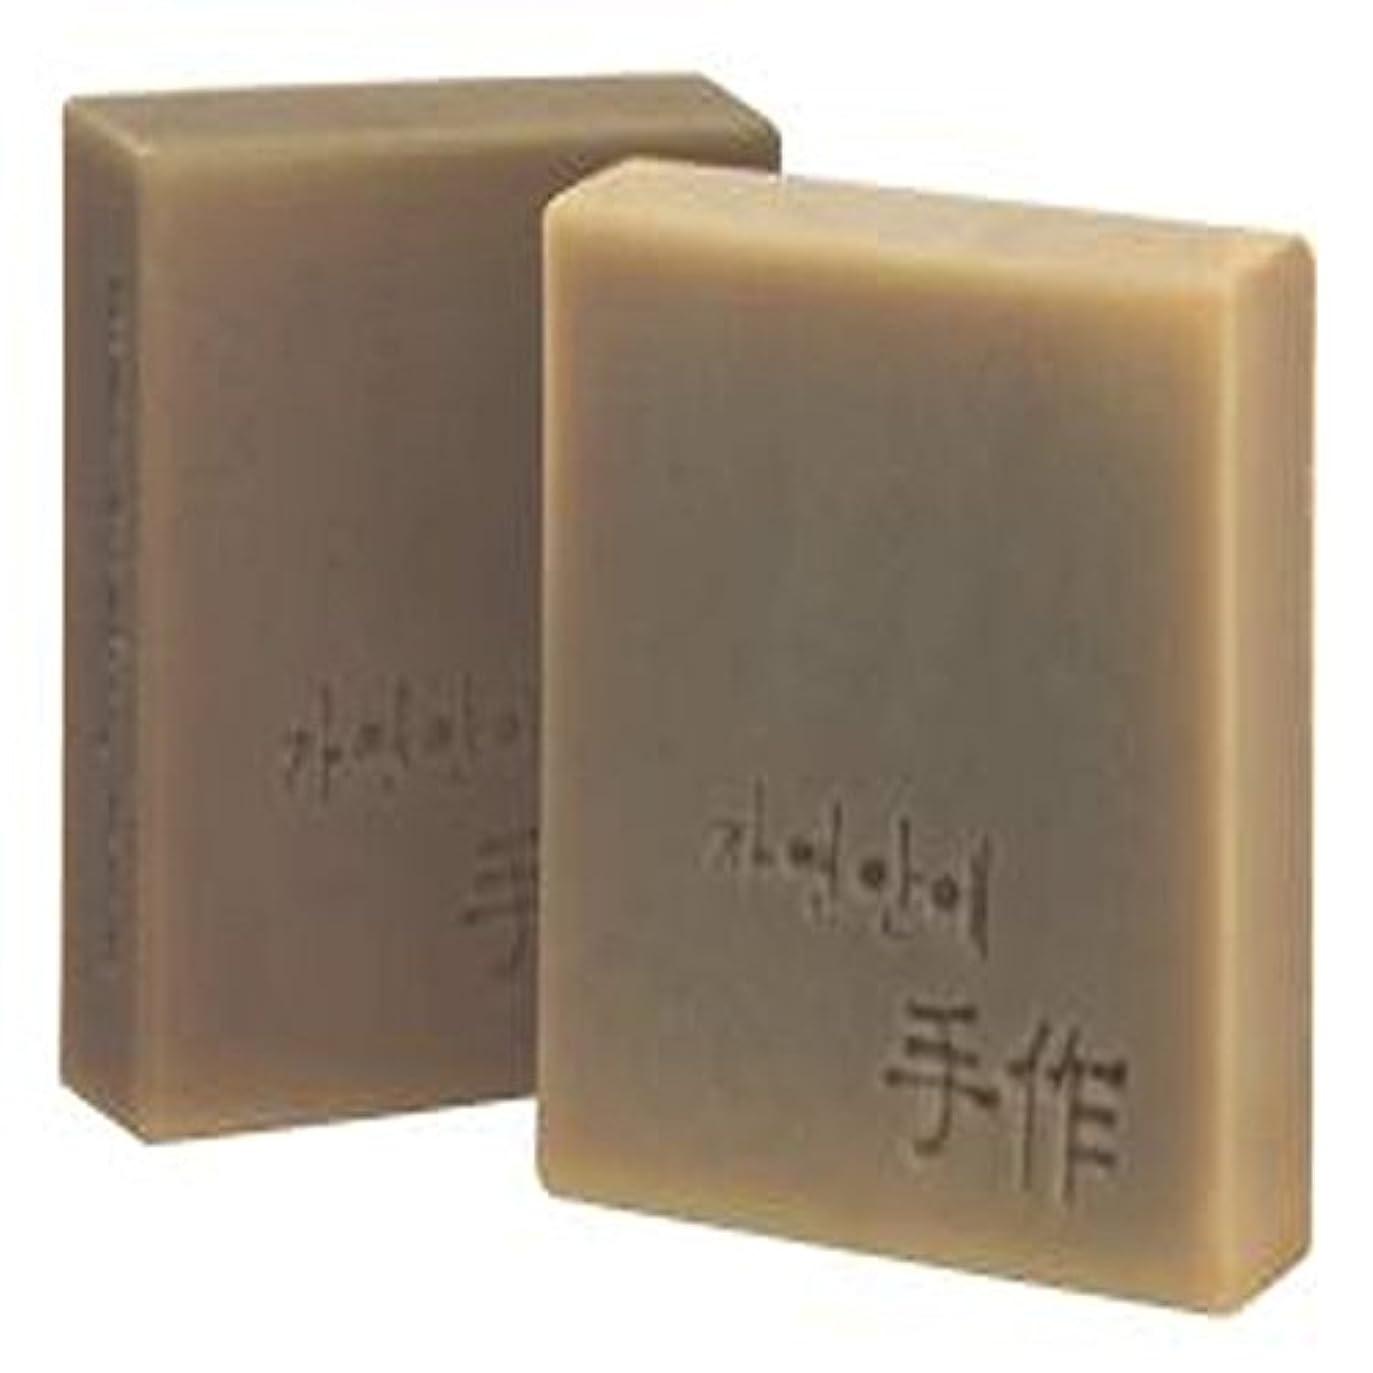 苦常習者うぬぼれNatural organic 有機天然ソープ 固形 無添加 洗顔せっけんクレンジング [並行輸入品] (SEOSIOKYOUNGSAN)